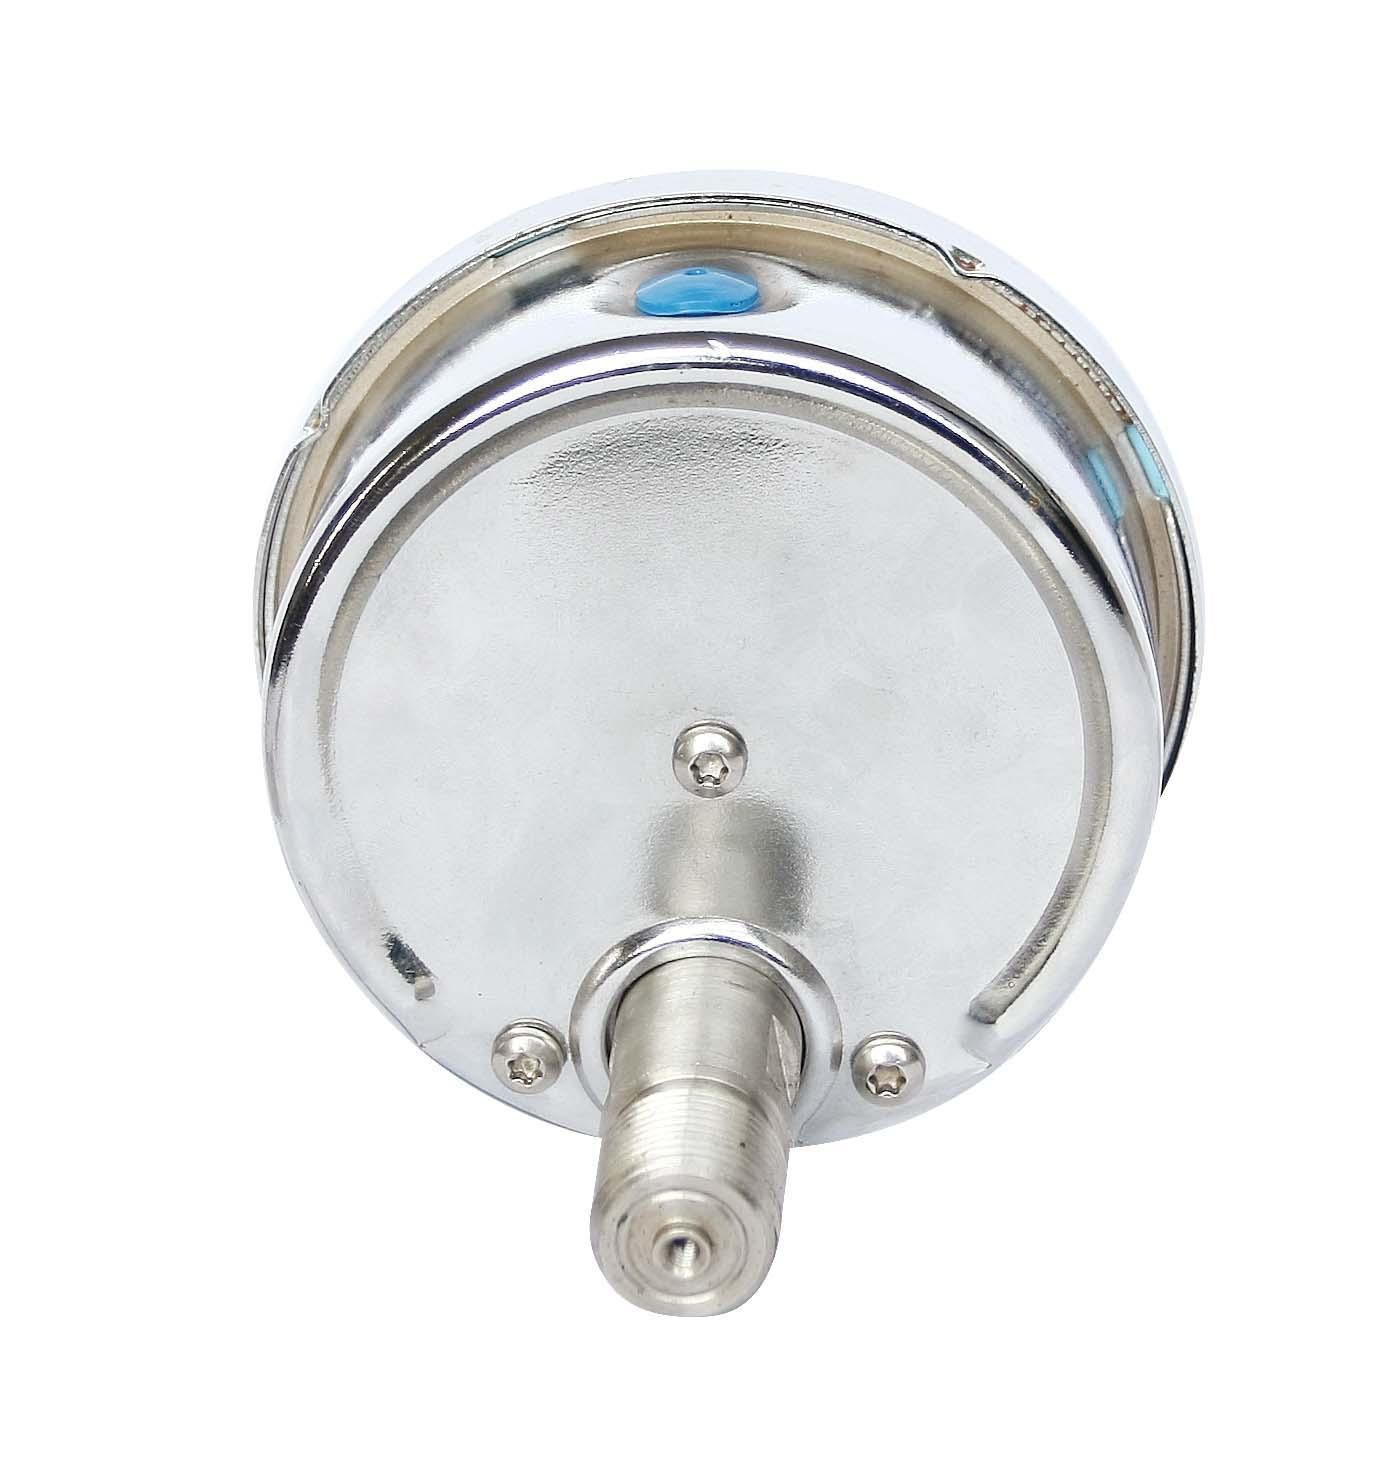 不鏽鋼壓力表 不鏽鋼真空壓力表 不鏽鋼彈簧管壓力表 7